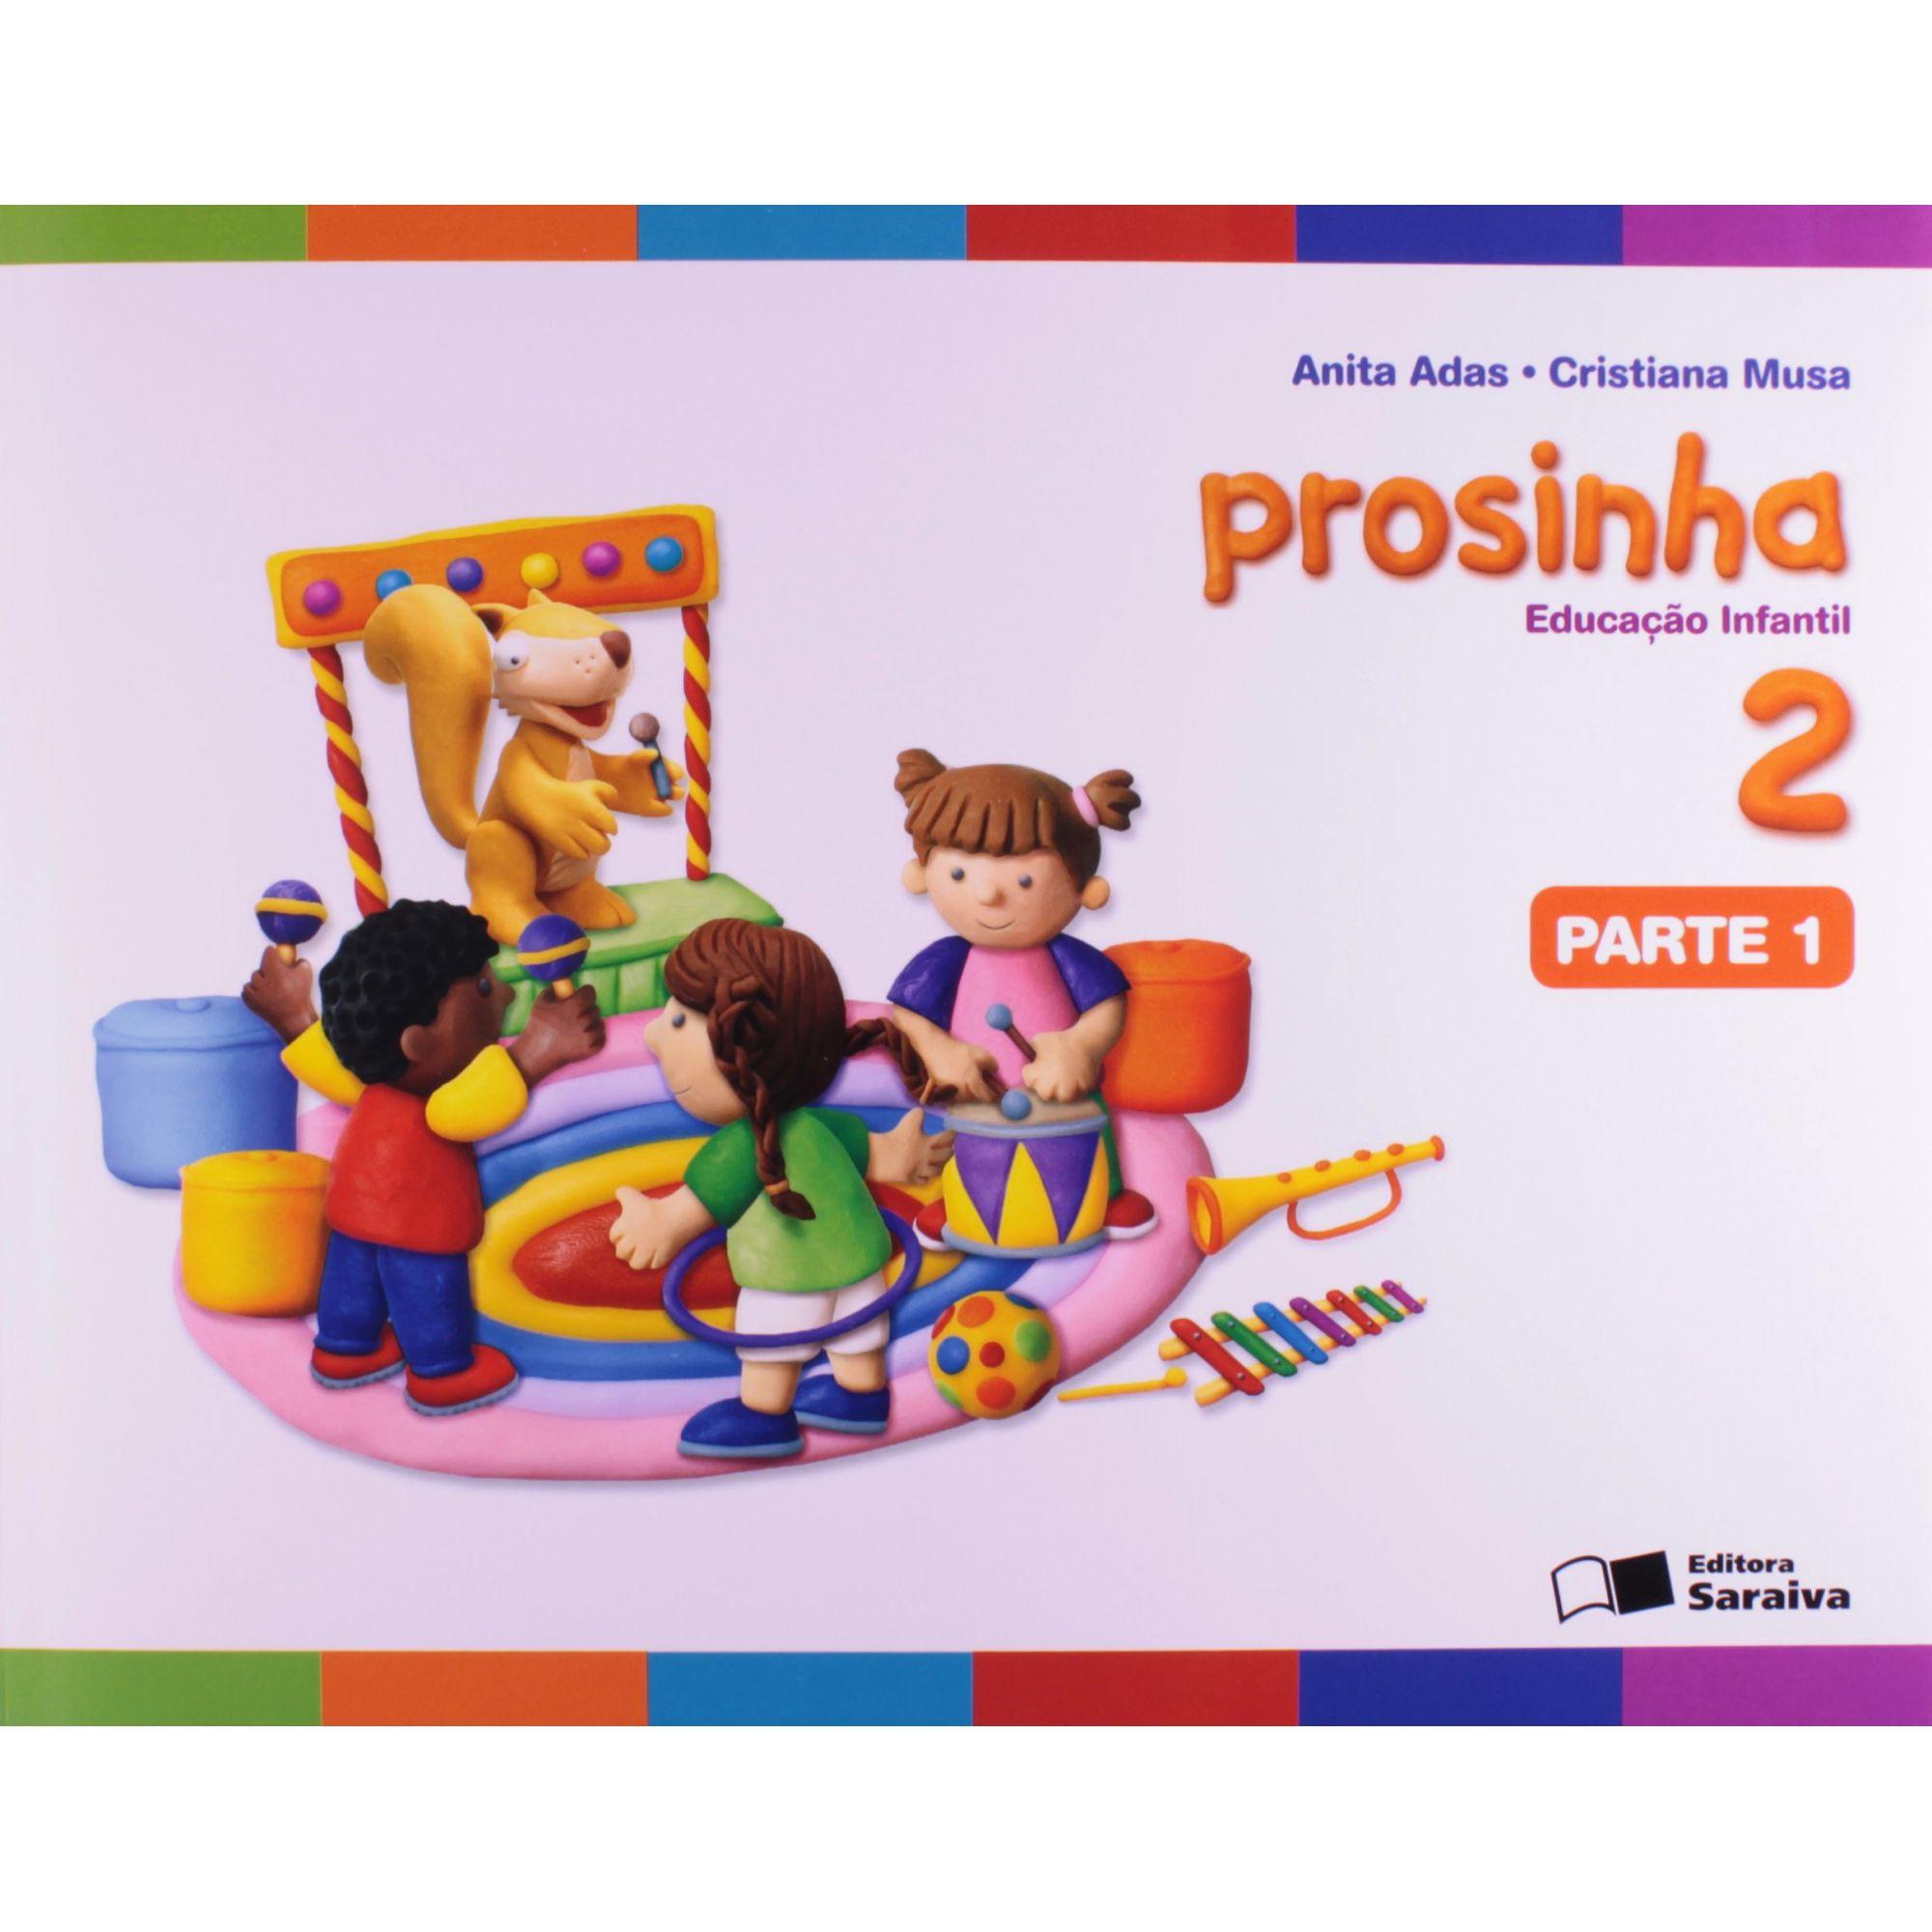 Prosinha - Educação Infantil 2